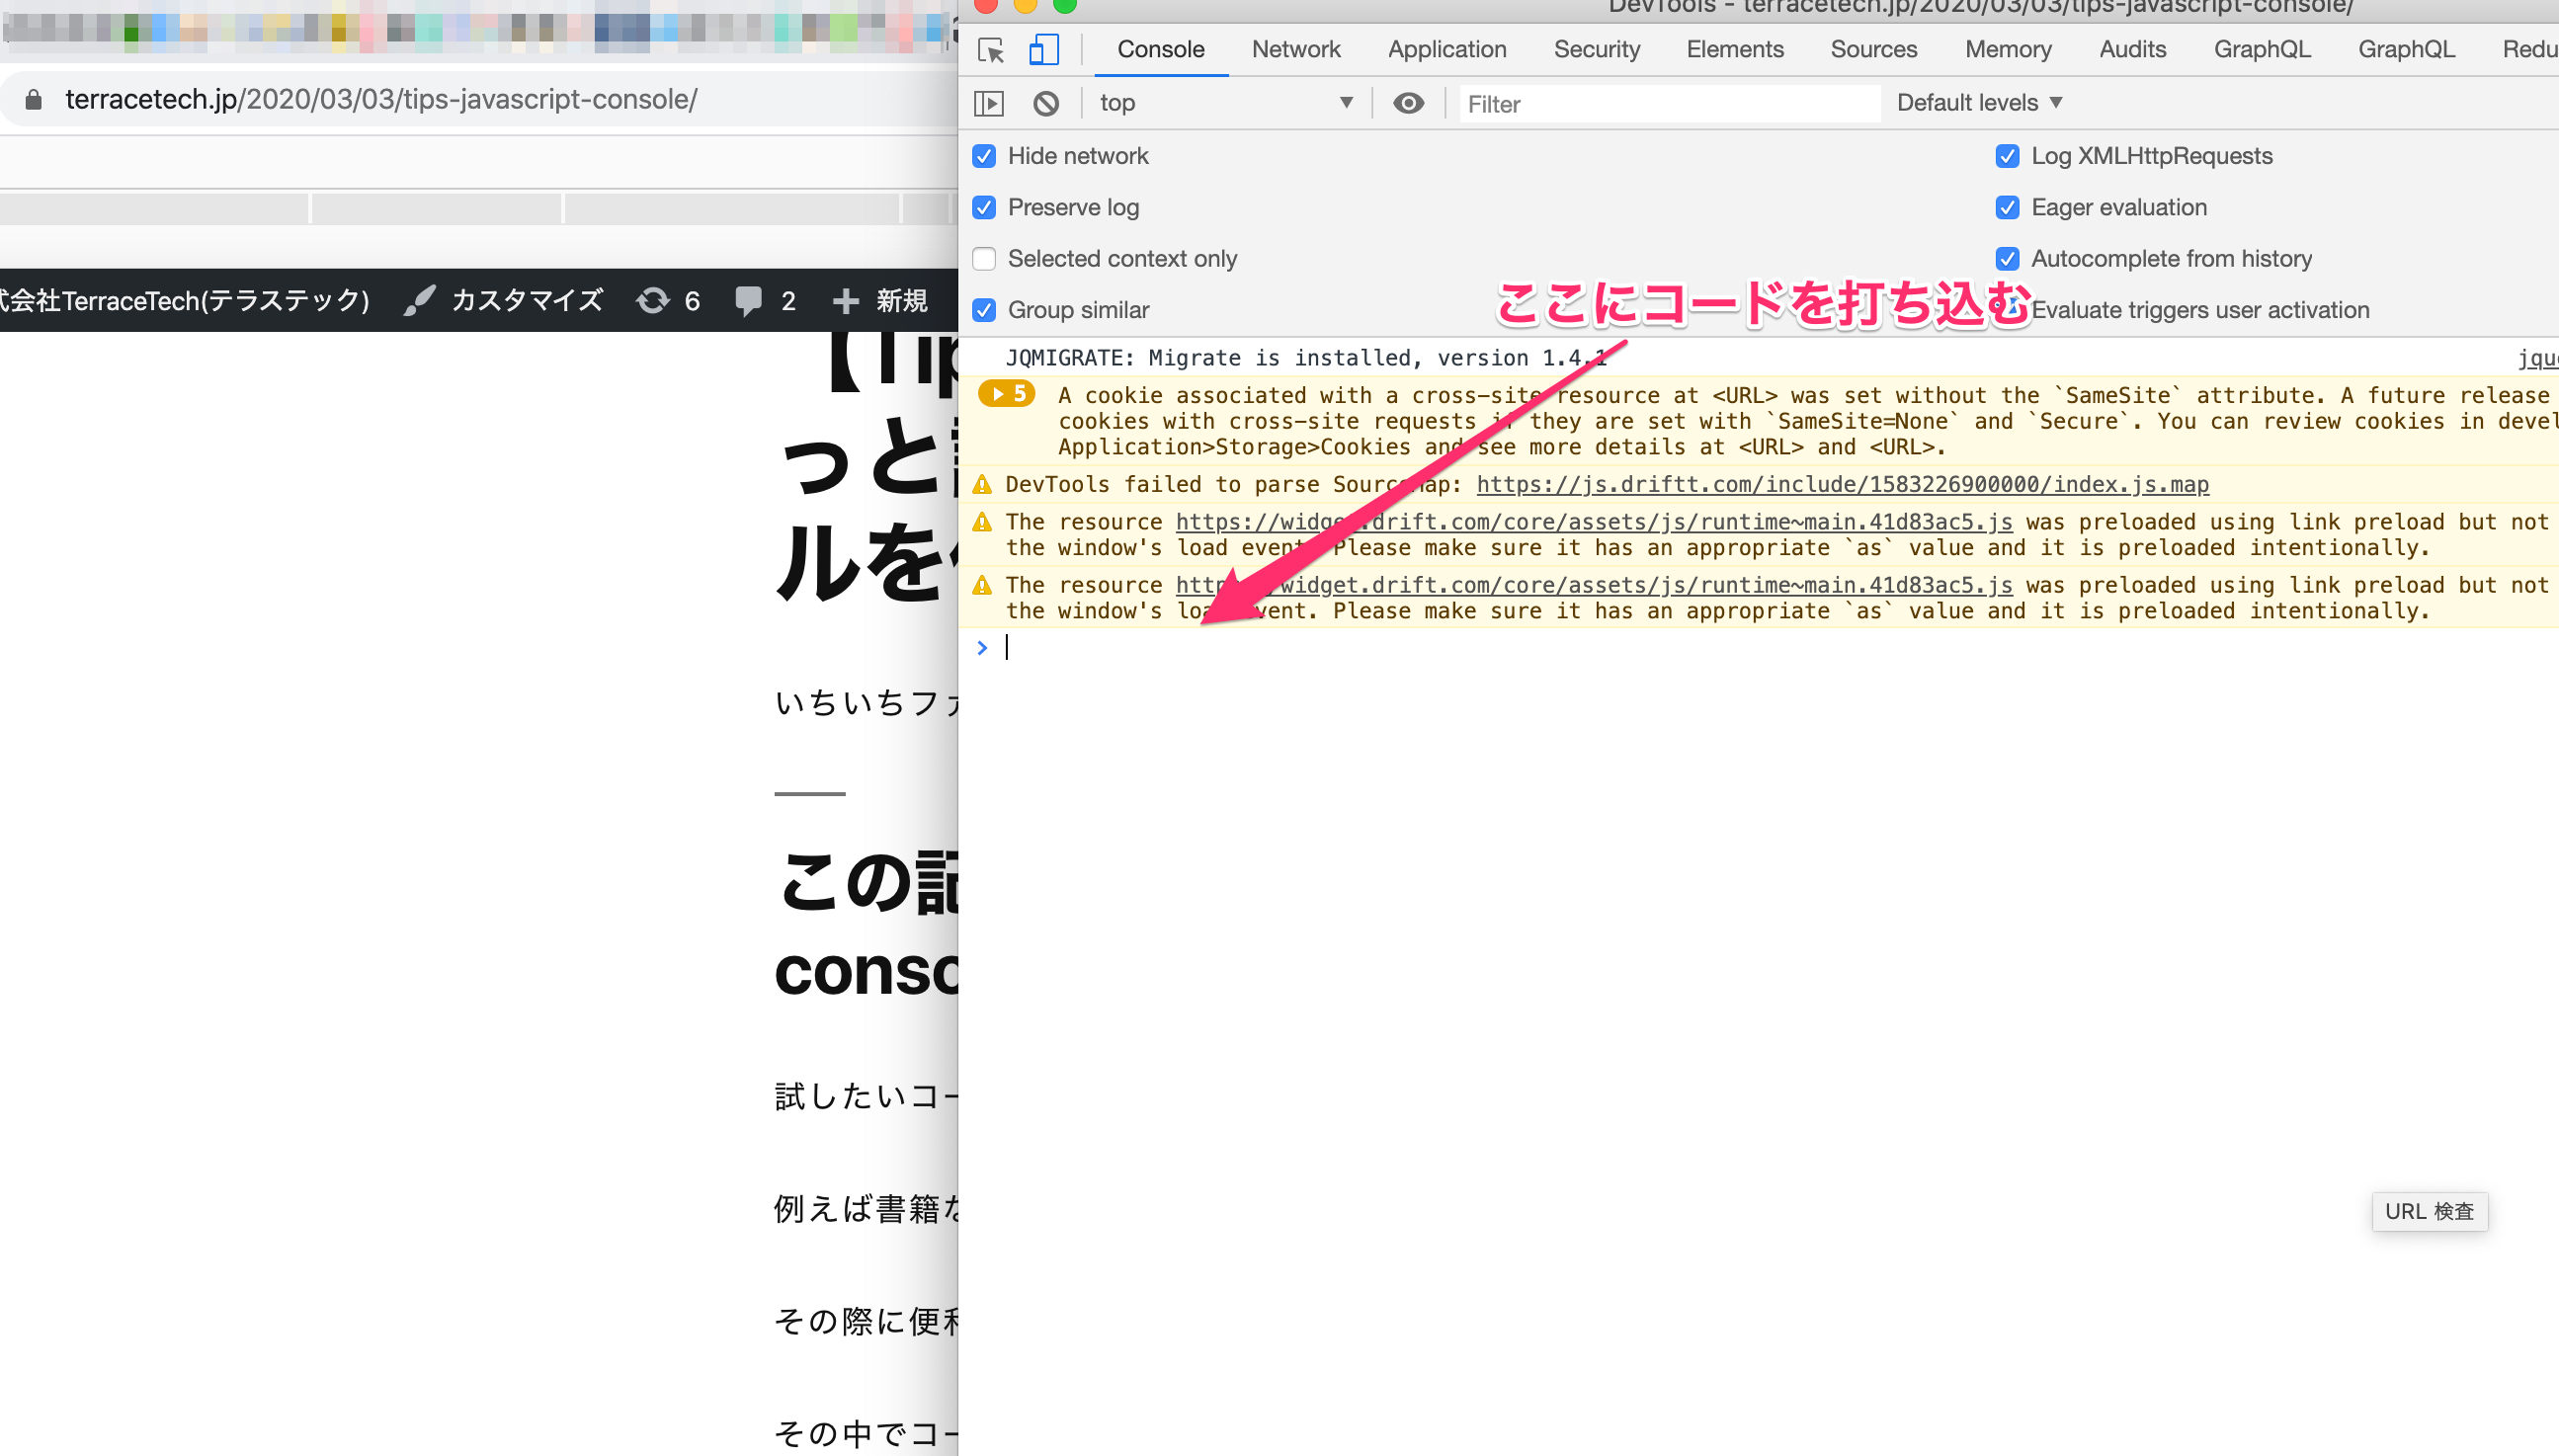 【Tips】JavaScriptサックっとJavaScriptで試したいとき開発ツールを使おう